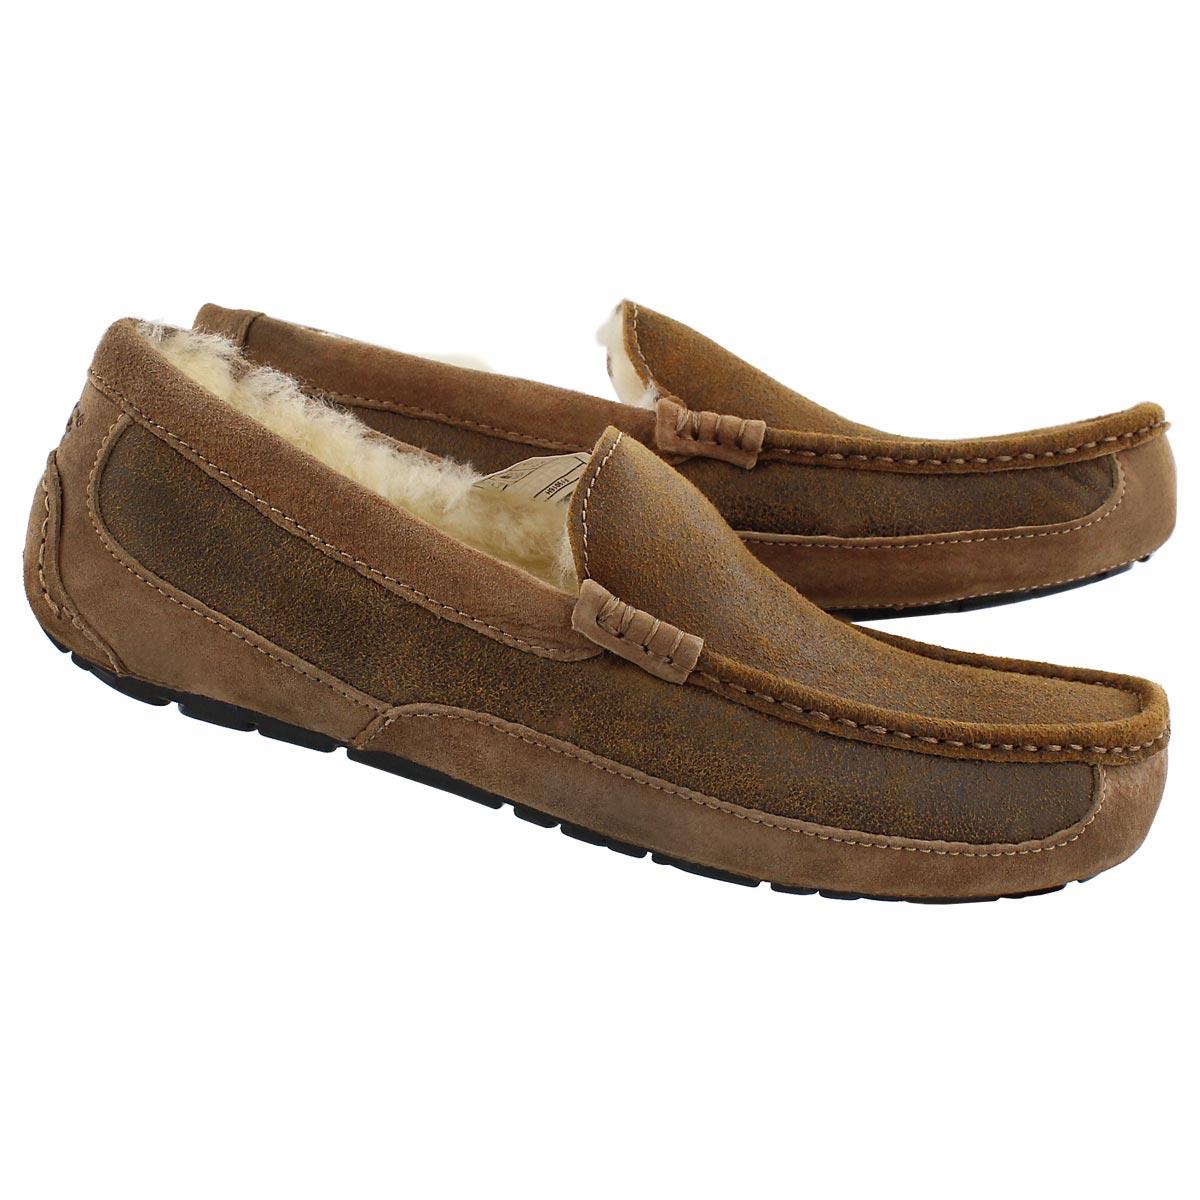 Mns Ascot Bomber ches sheepskin slipper